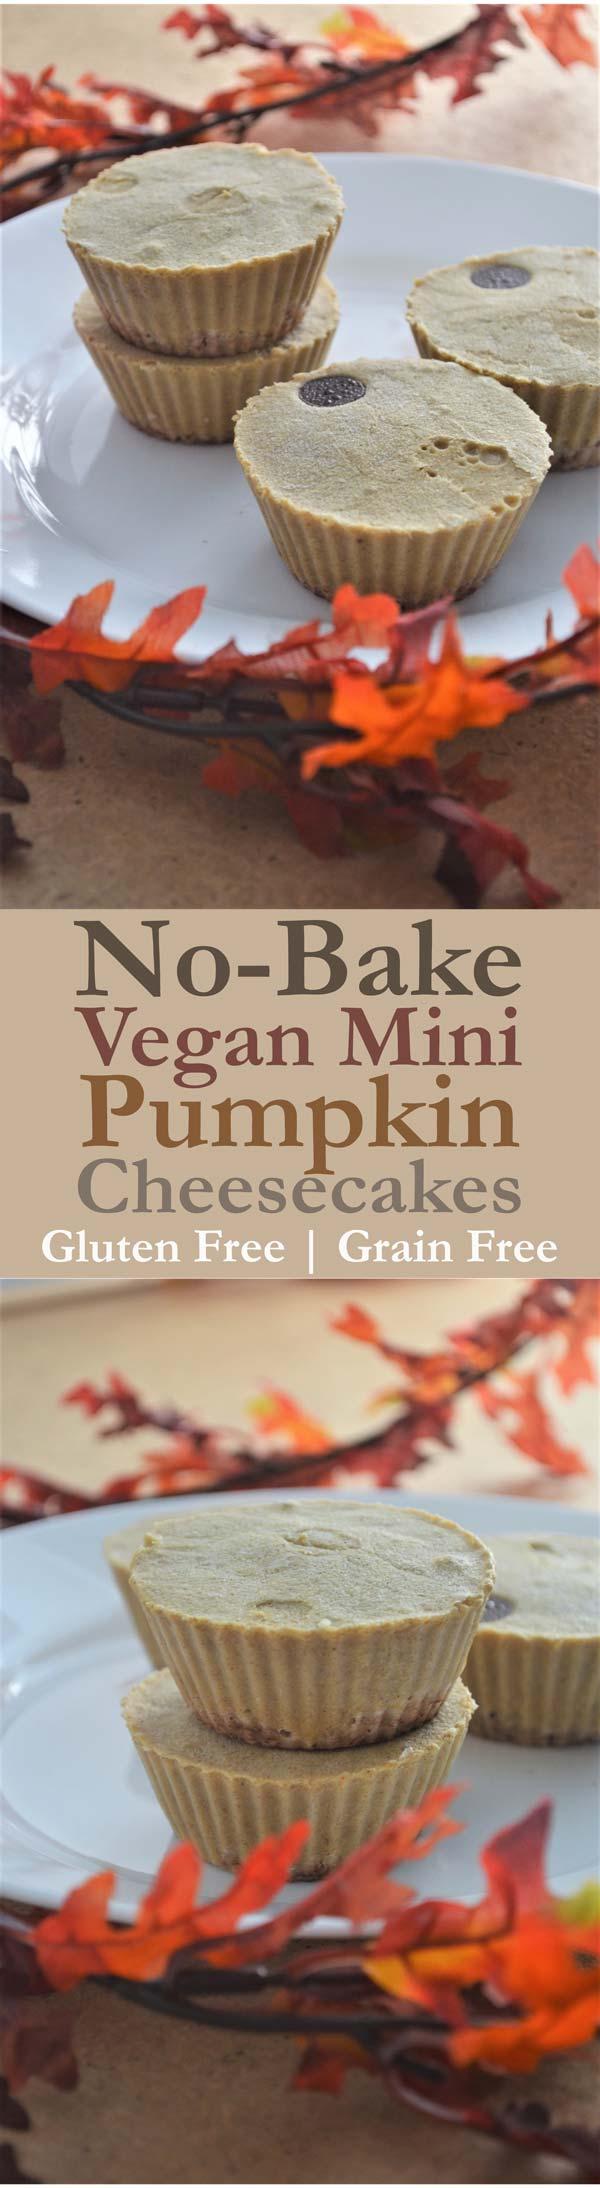 pumpkin mini cheesecake vegan gluten-free grain-free